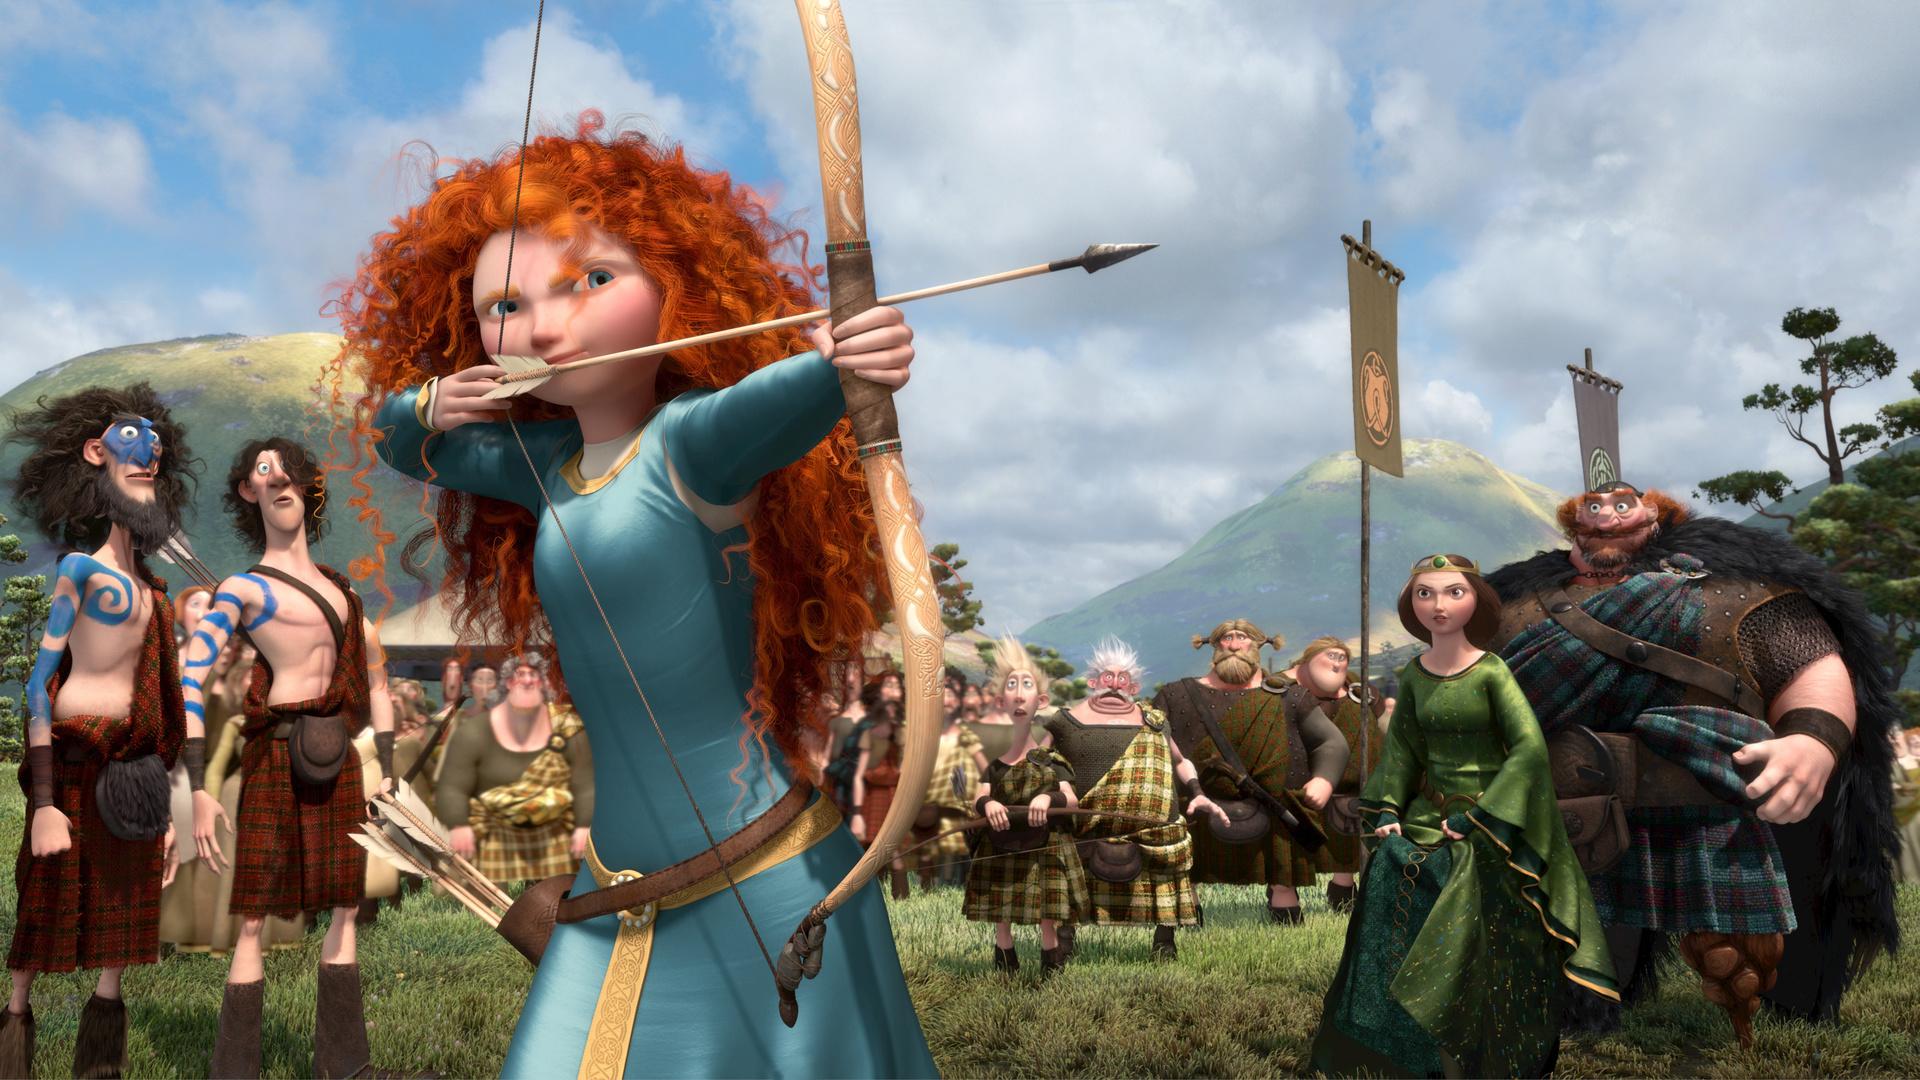 Увлекательные приключенческие фильмы с сильными женщинами